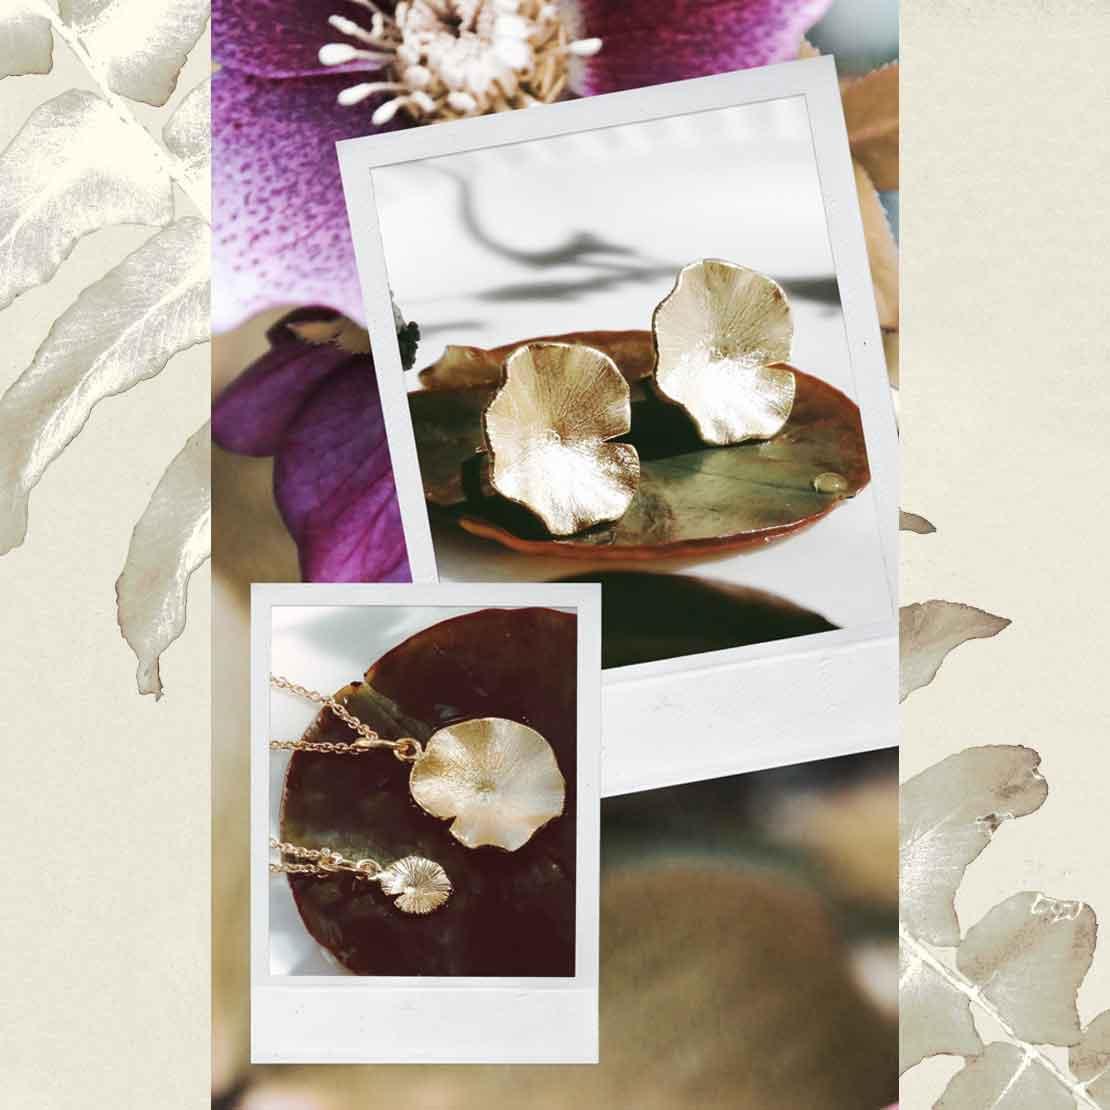 botanic-image-1-1110x1110